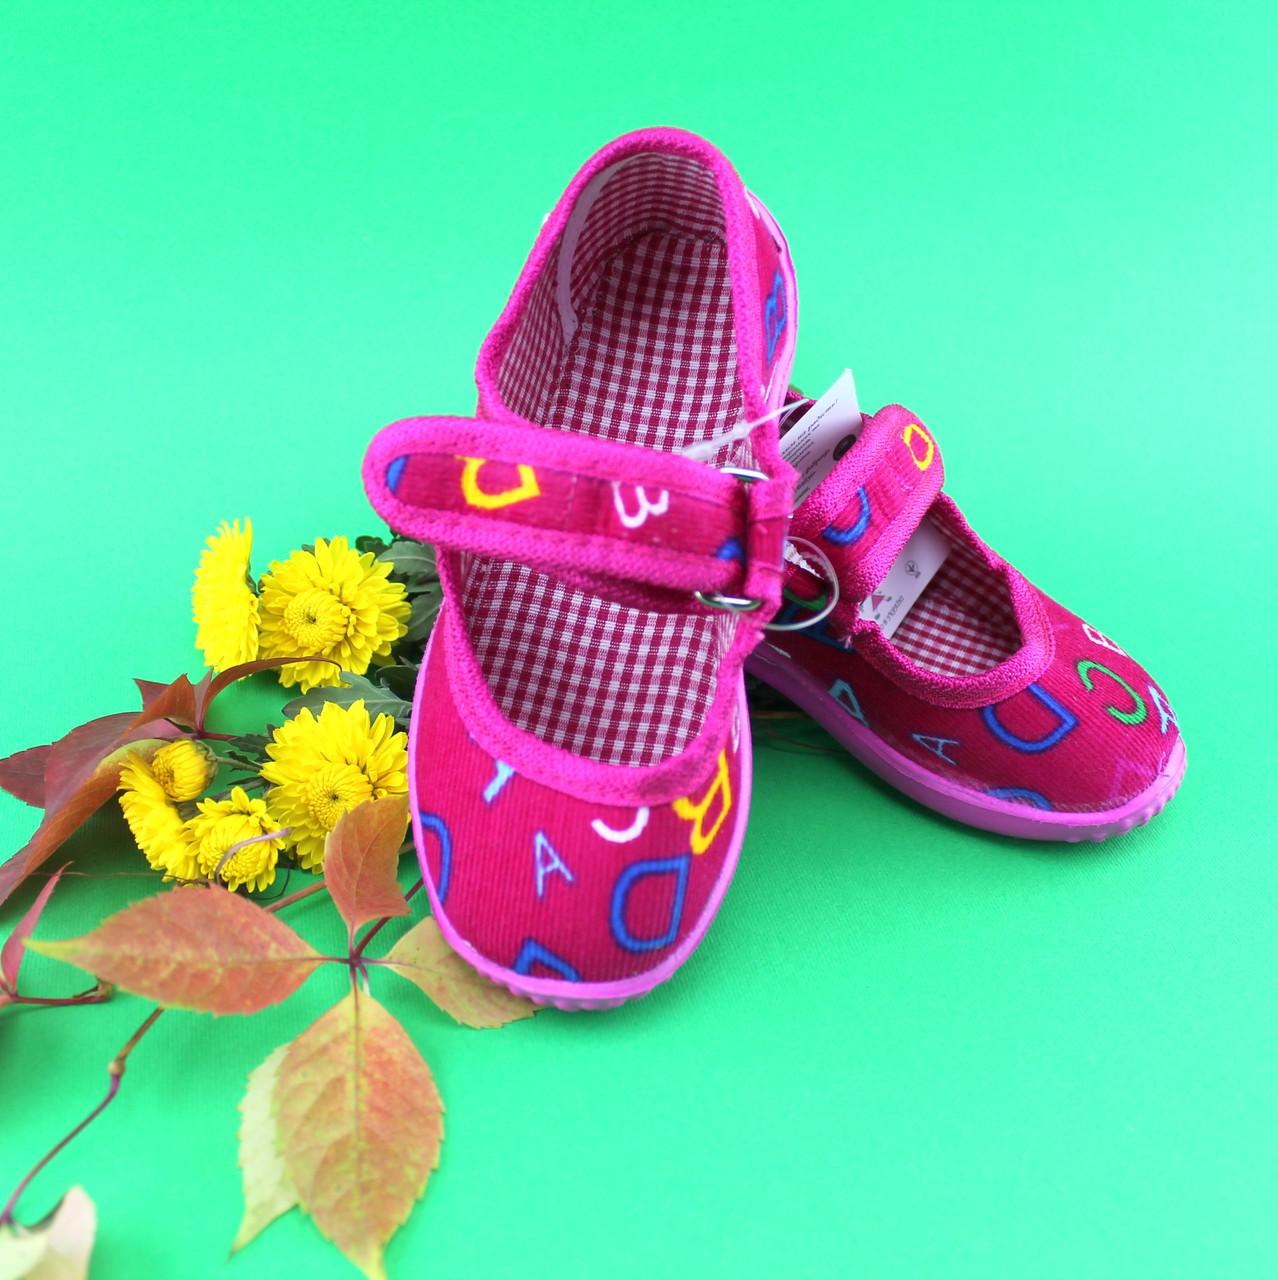 Детские тапочки на липучке оптом текстильная обувь Vitaliya Виталия Украина, размеры 28-29